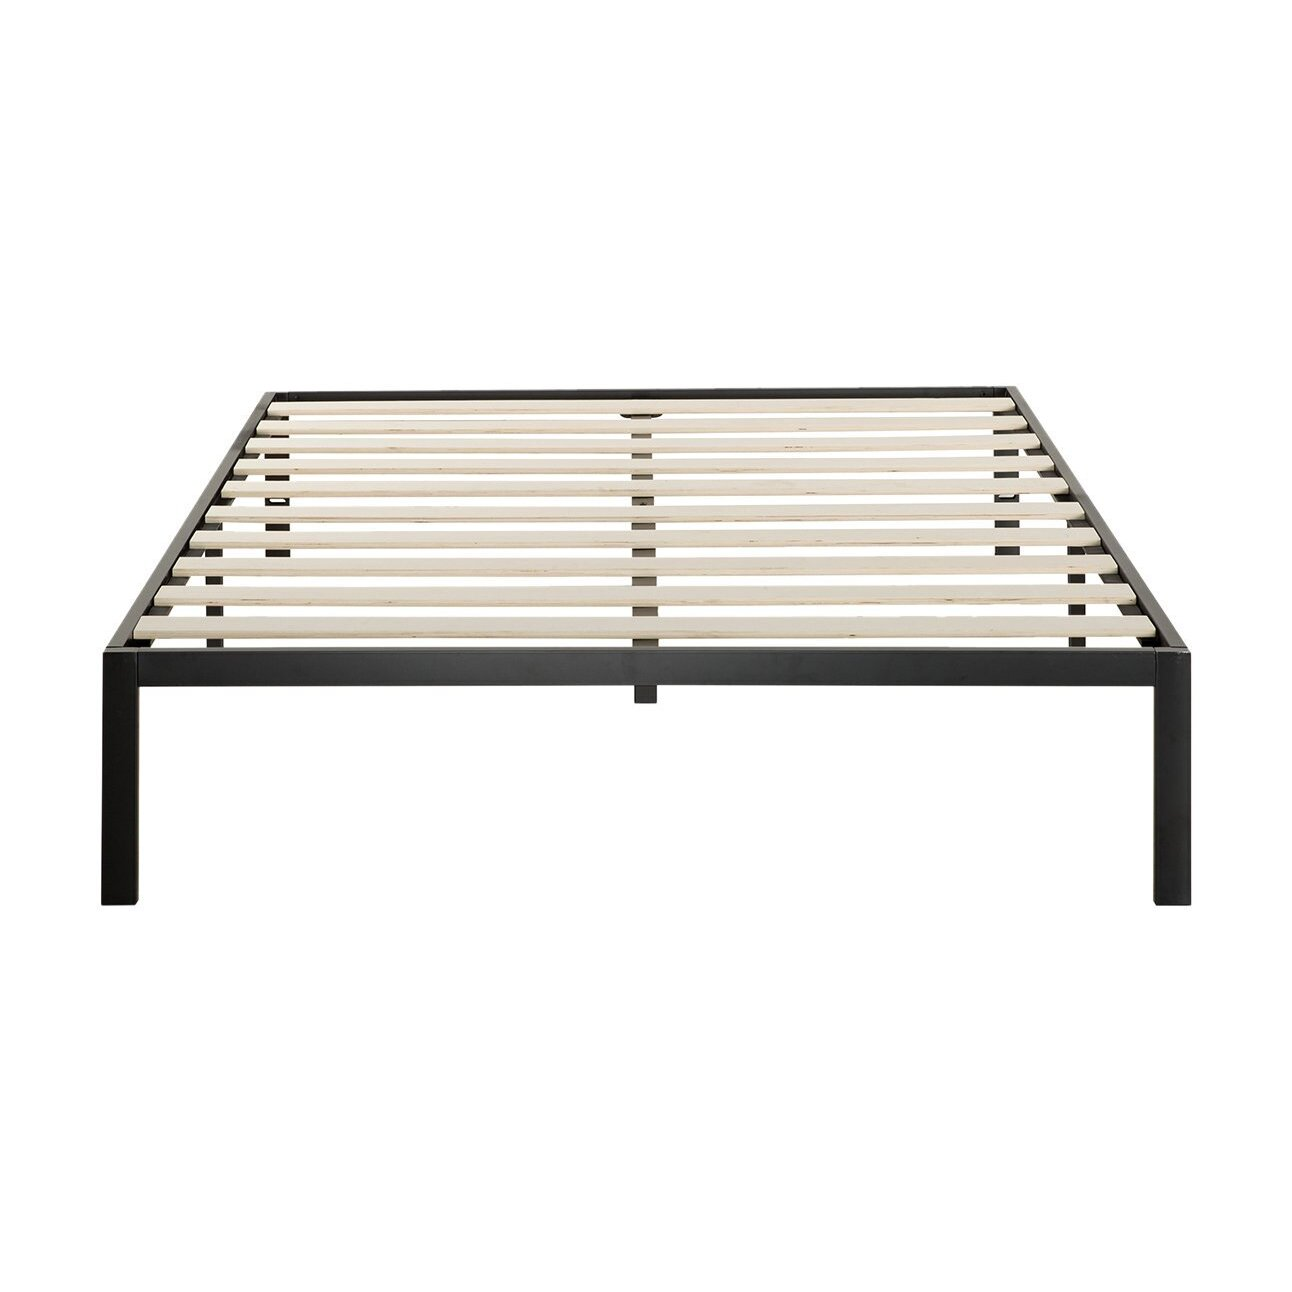 Bedroom bench dimensions - Platform Bed